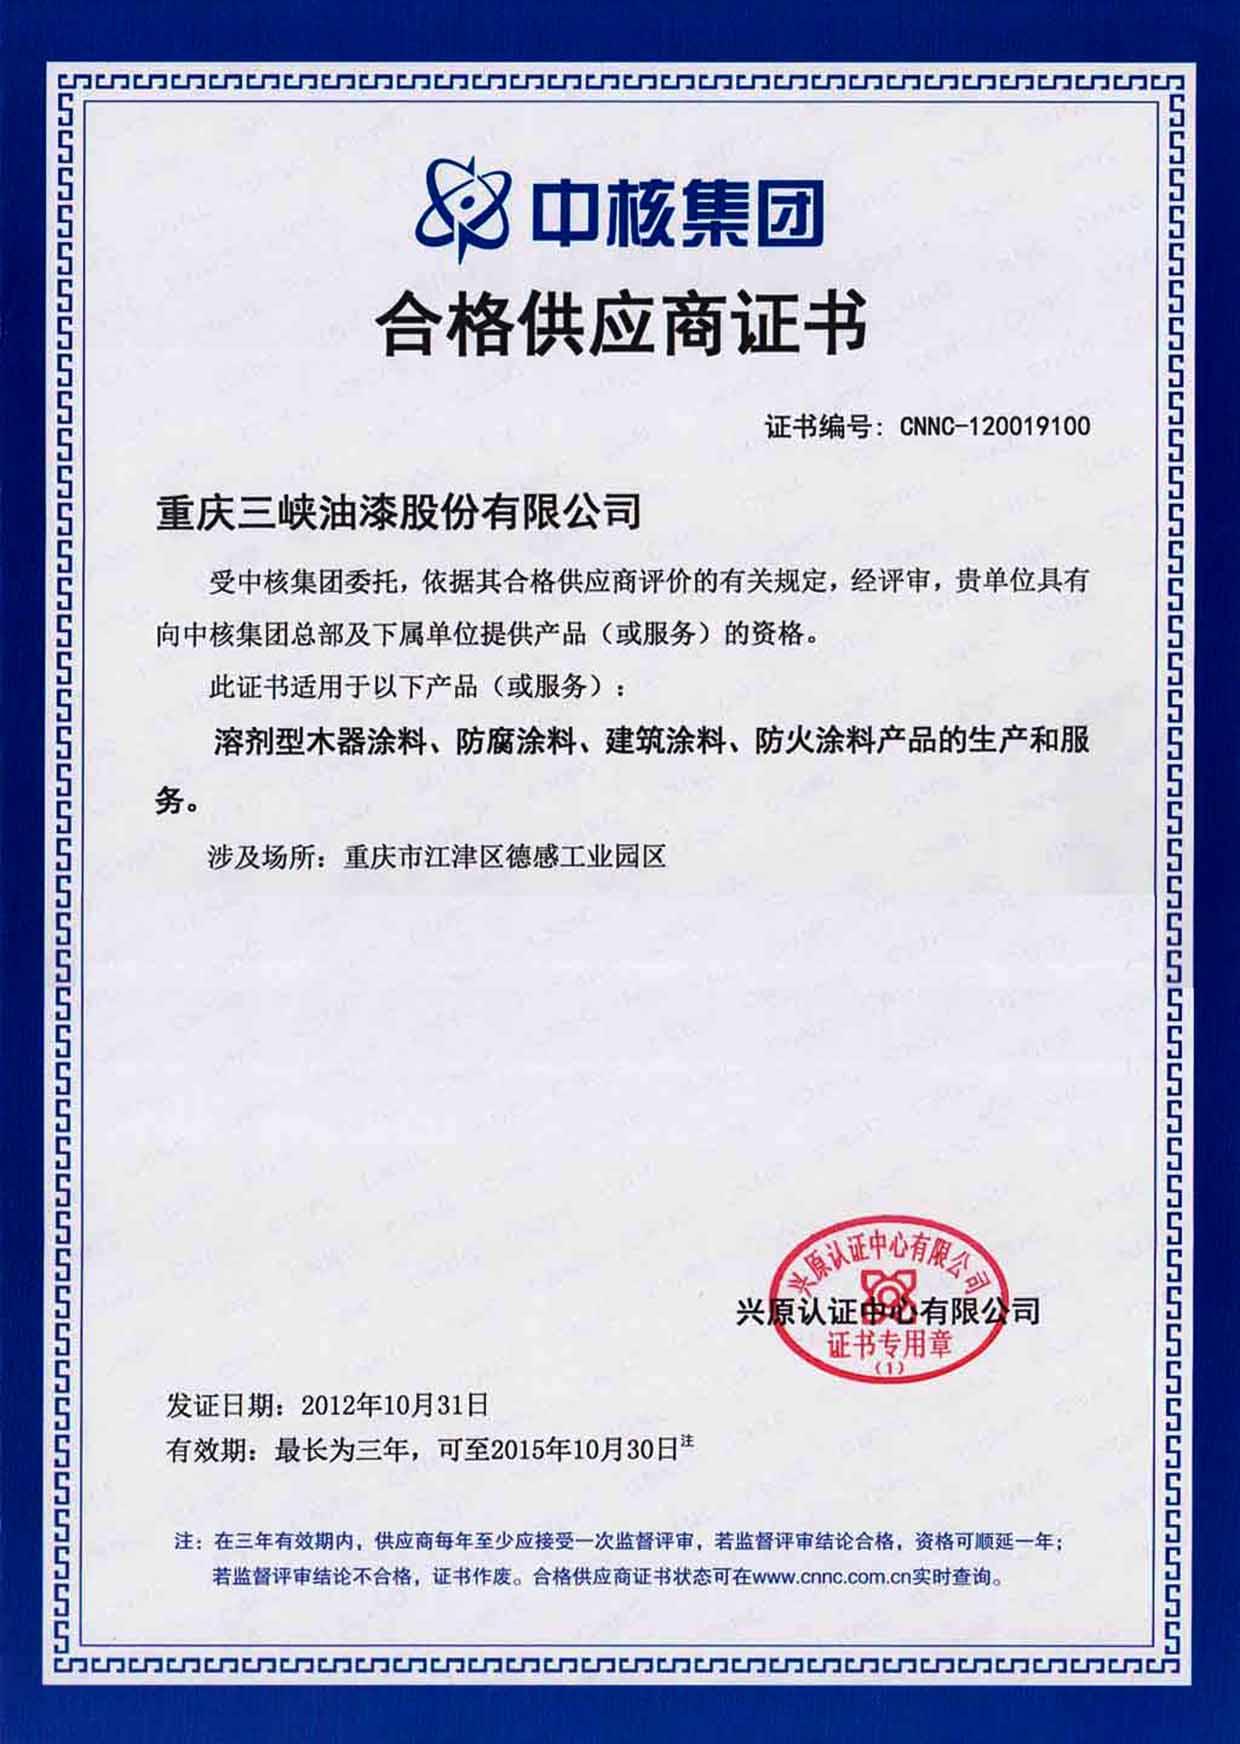 中核集团合格供应商证书